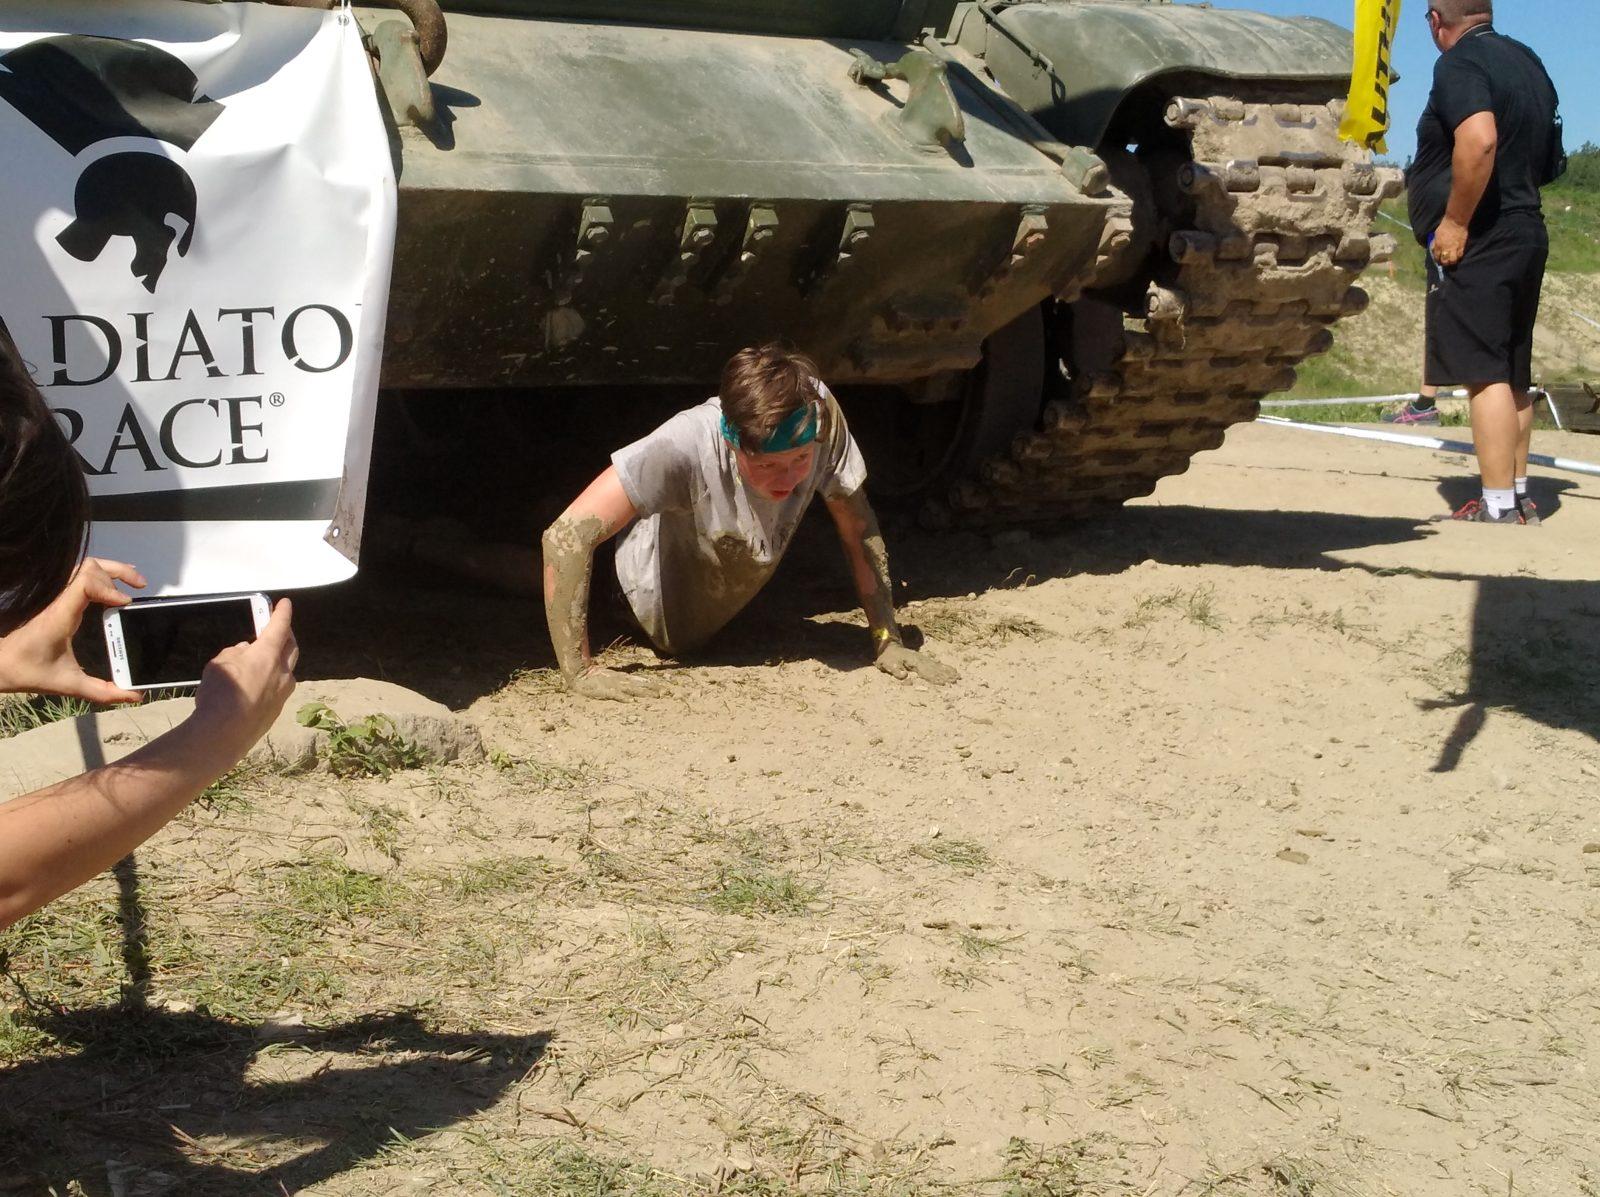 Syn si při Gladiator race na Tankodromu v Miloviciích ( květen 2018 )  vyzkoušel plazení pod tankem. baefca4ee7